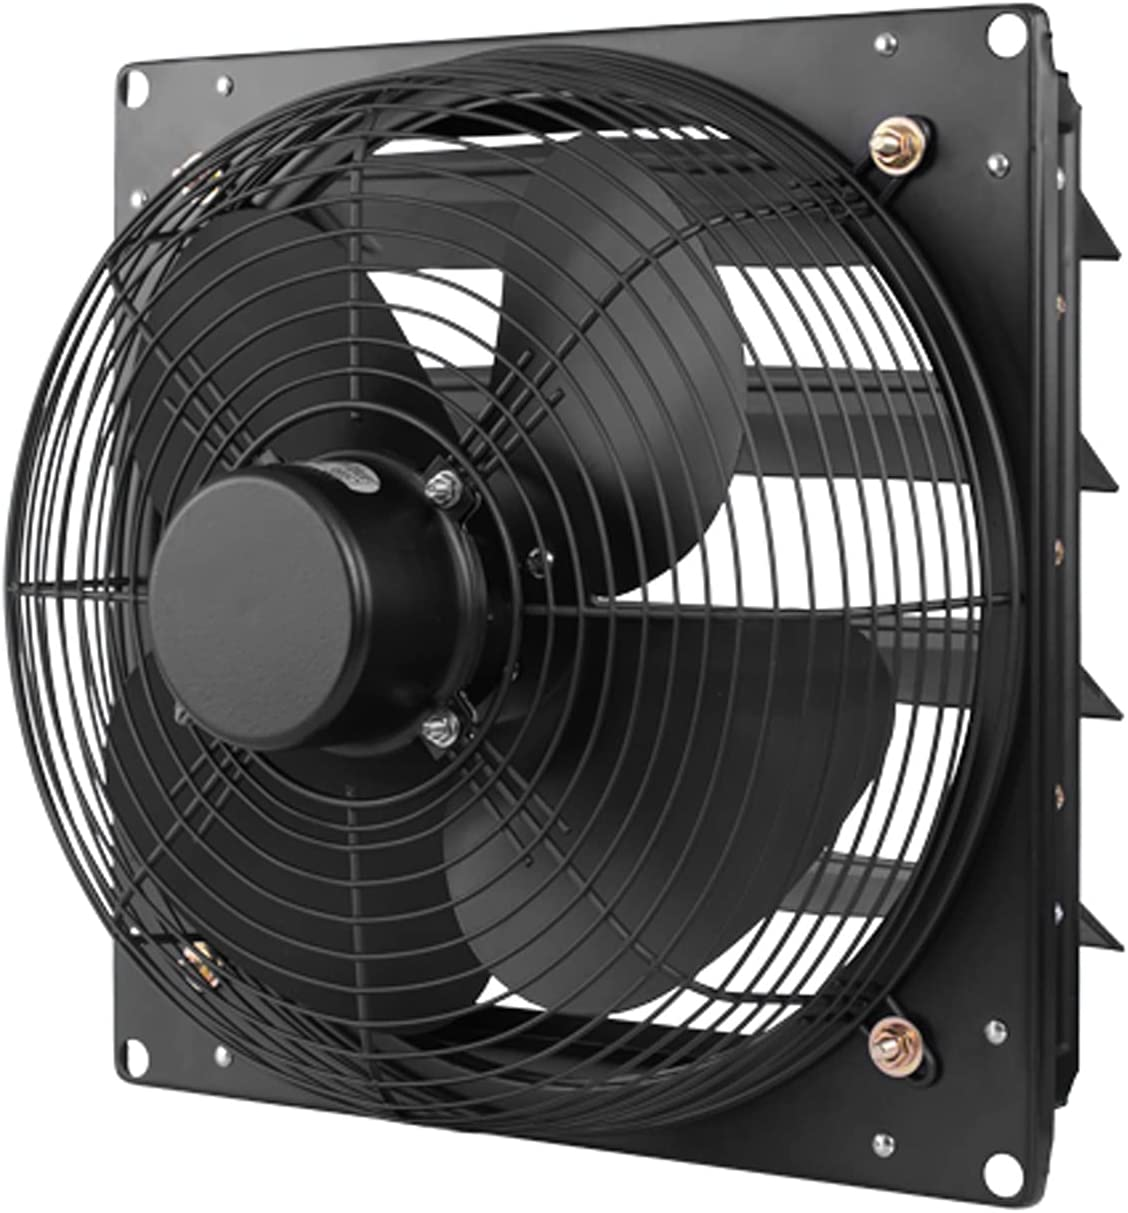 Ventilador extractor Ventilador de escape de la cocina Hogar Tipo de obturador de metal Ventilador de ventilación 10